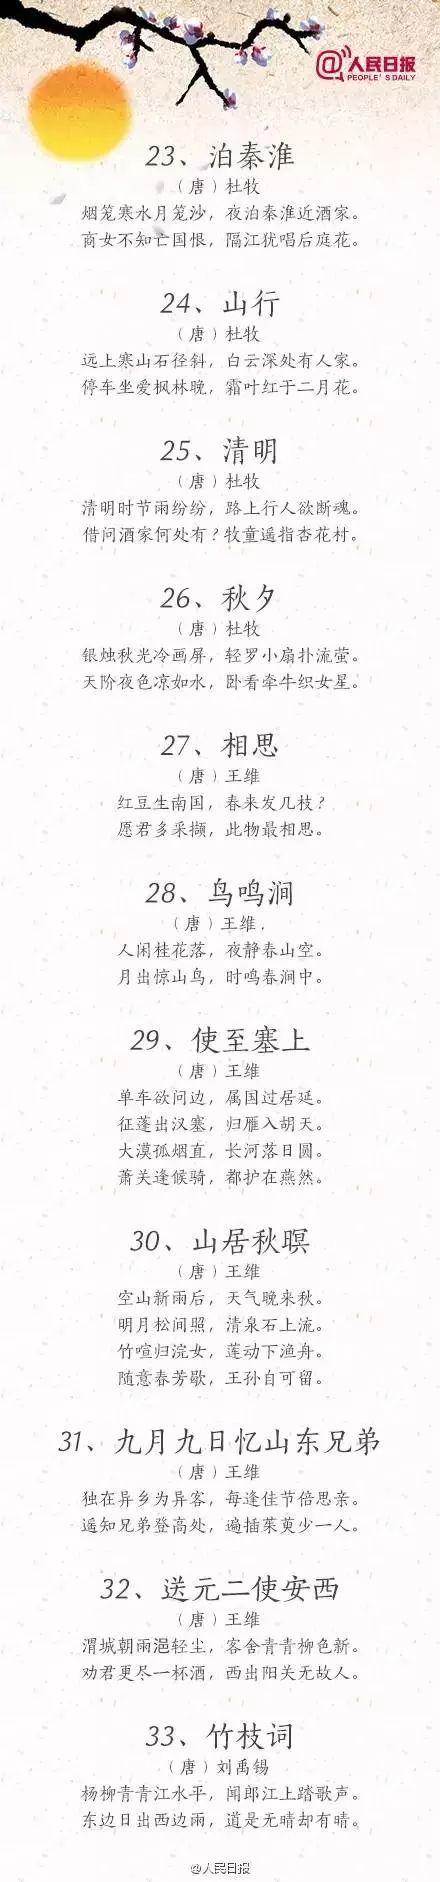 浪情侠女全文阅�_— 推 荐 阅 读 — ▼ (点击图片即可阅读全文) 家庭教育/精品资料